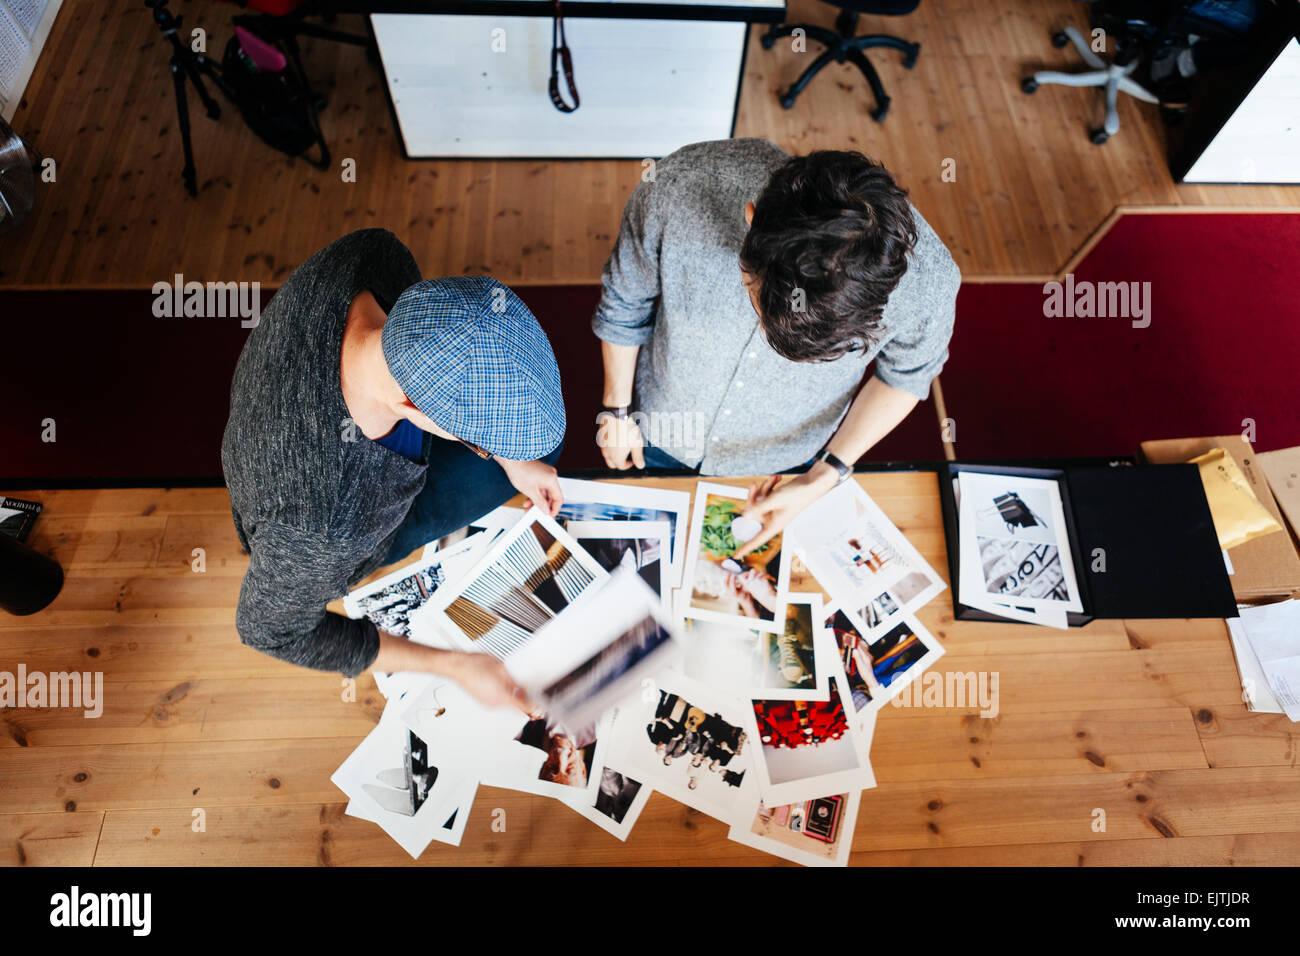 Elevato angolo di visione degli imprenditori analizzando le fotografie alla scrivania in ufficio Immagini Stock